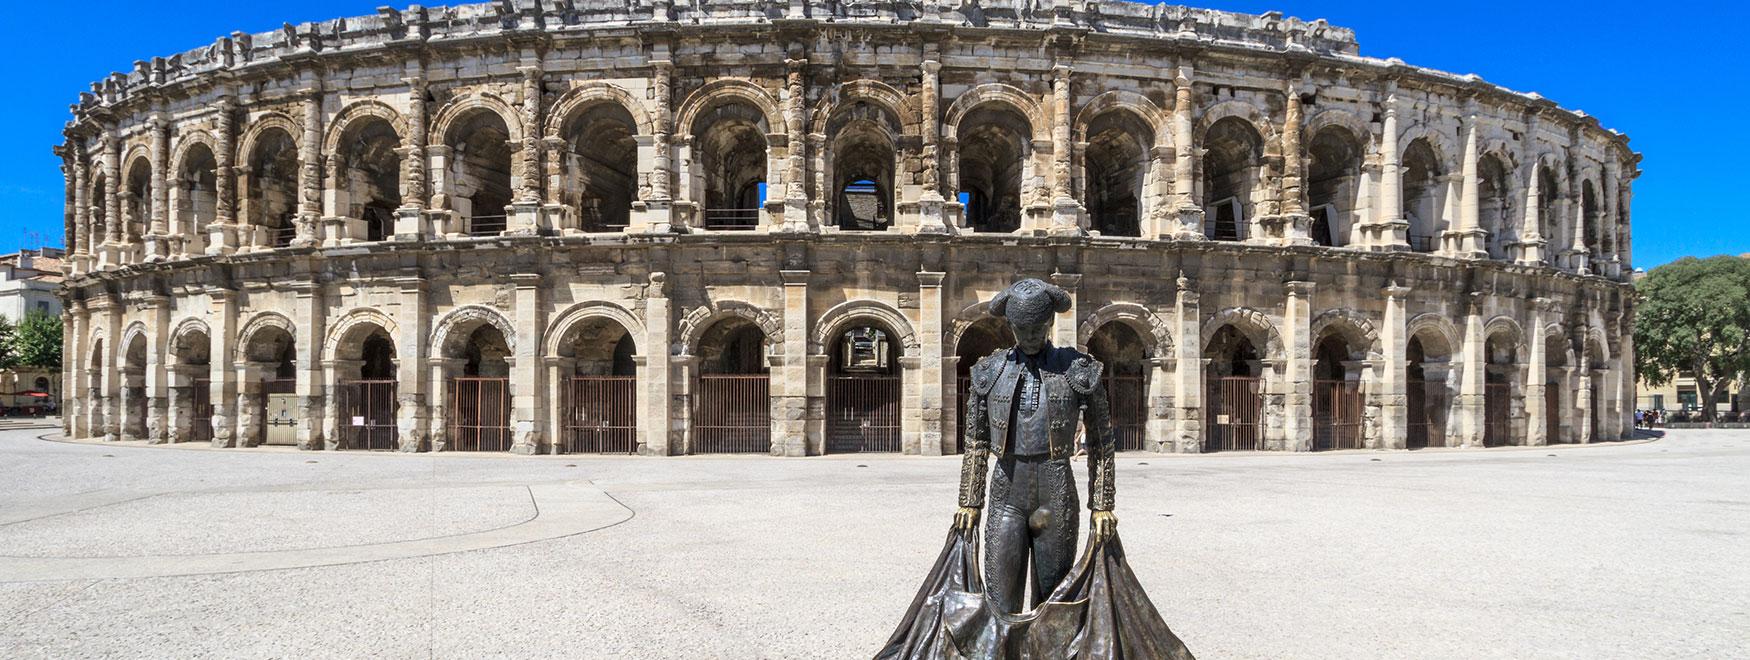 Excursión a Nîmes